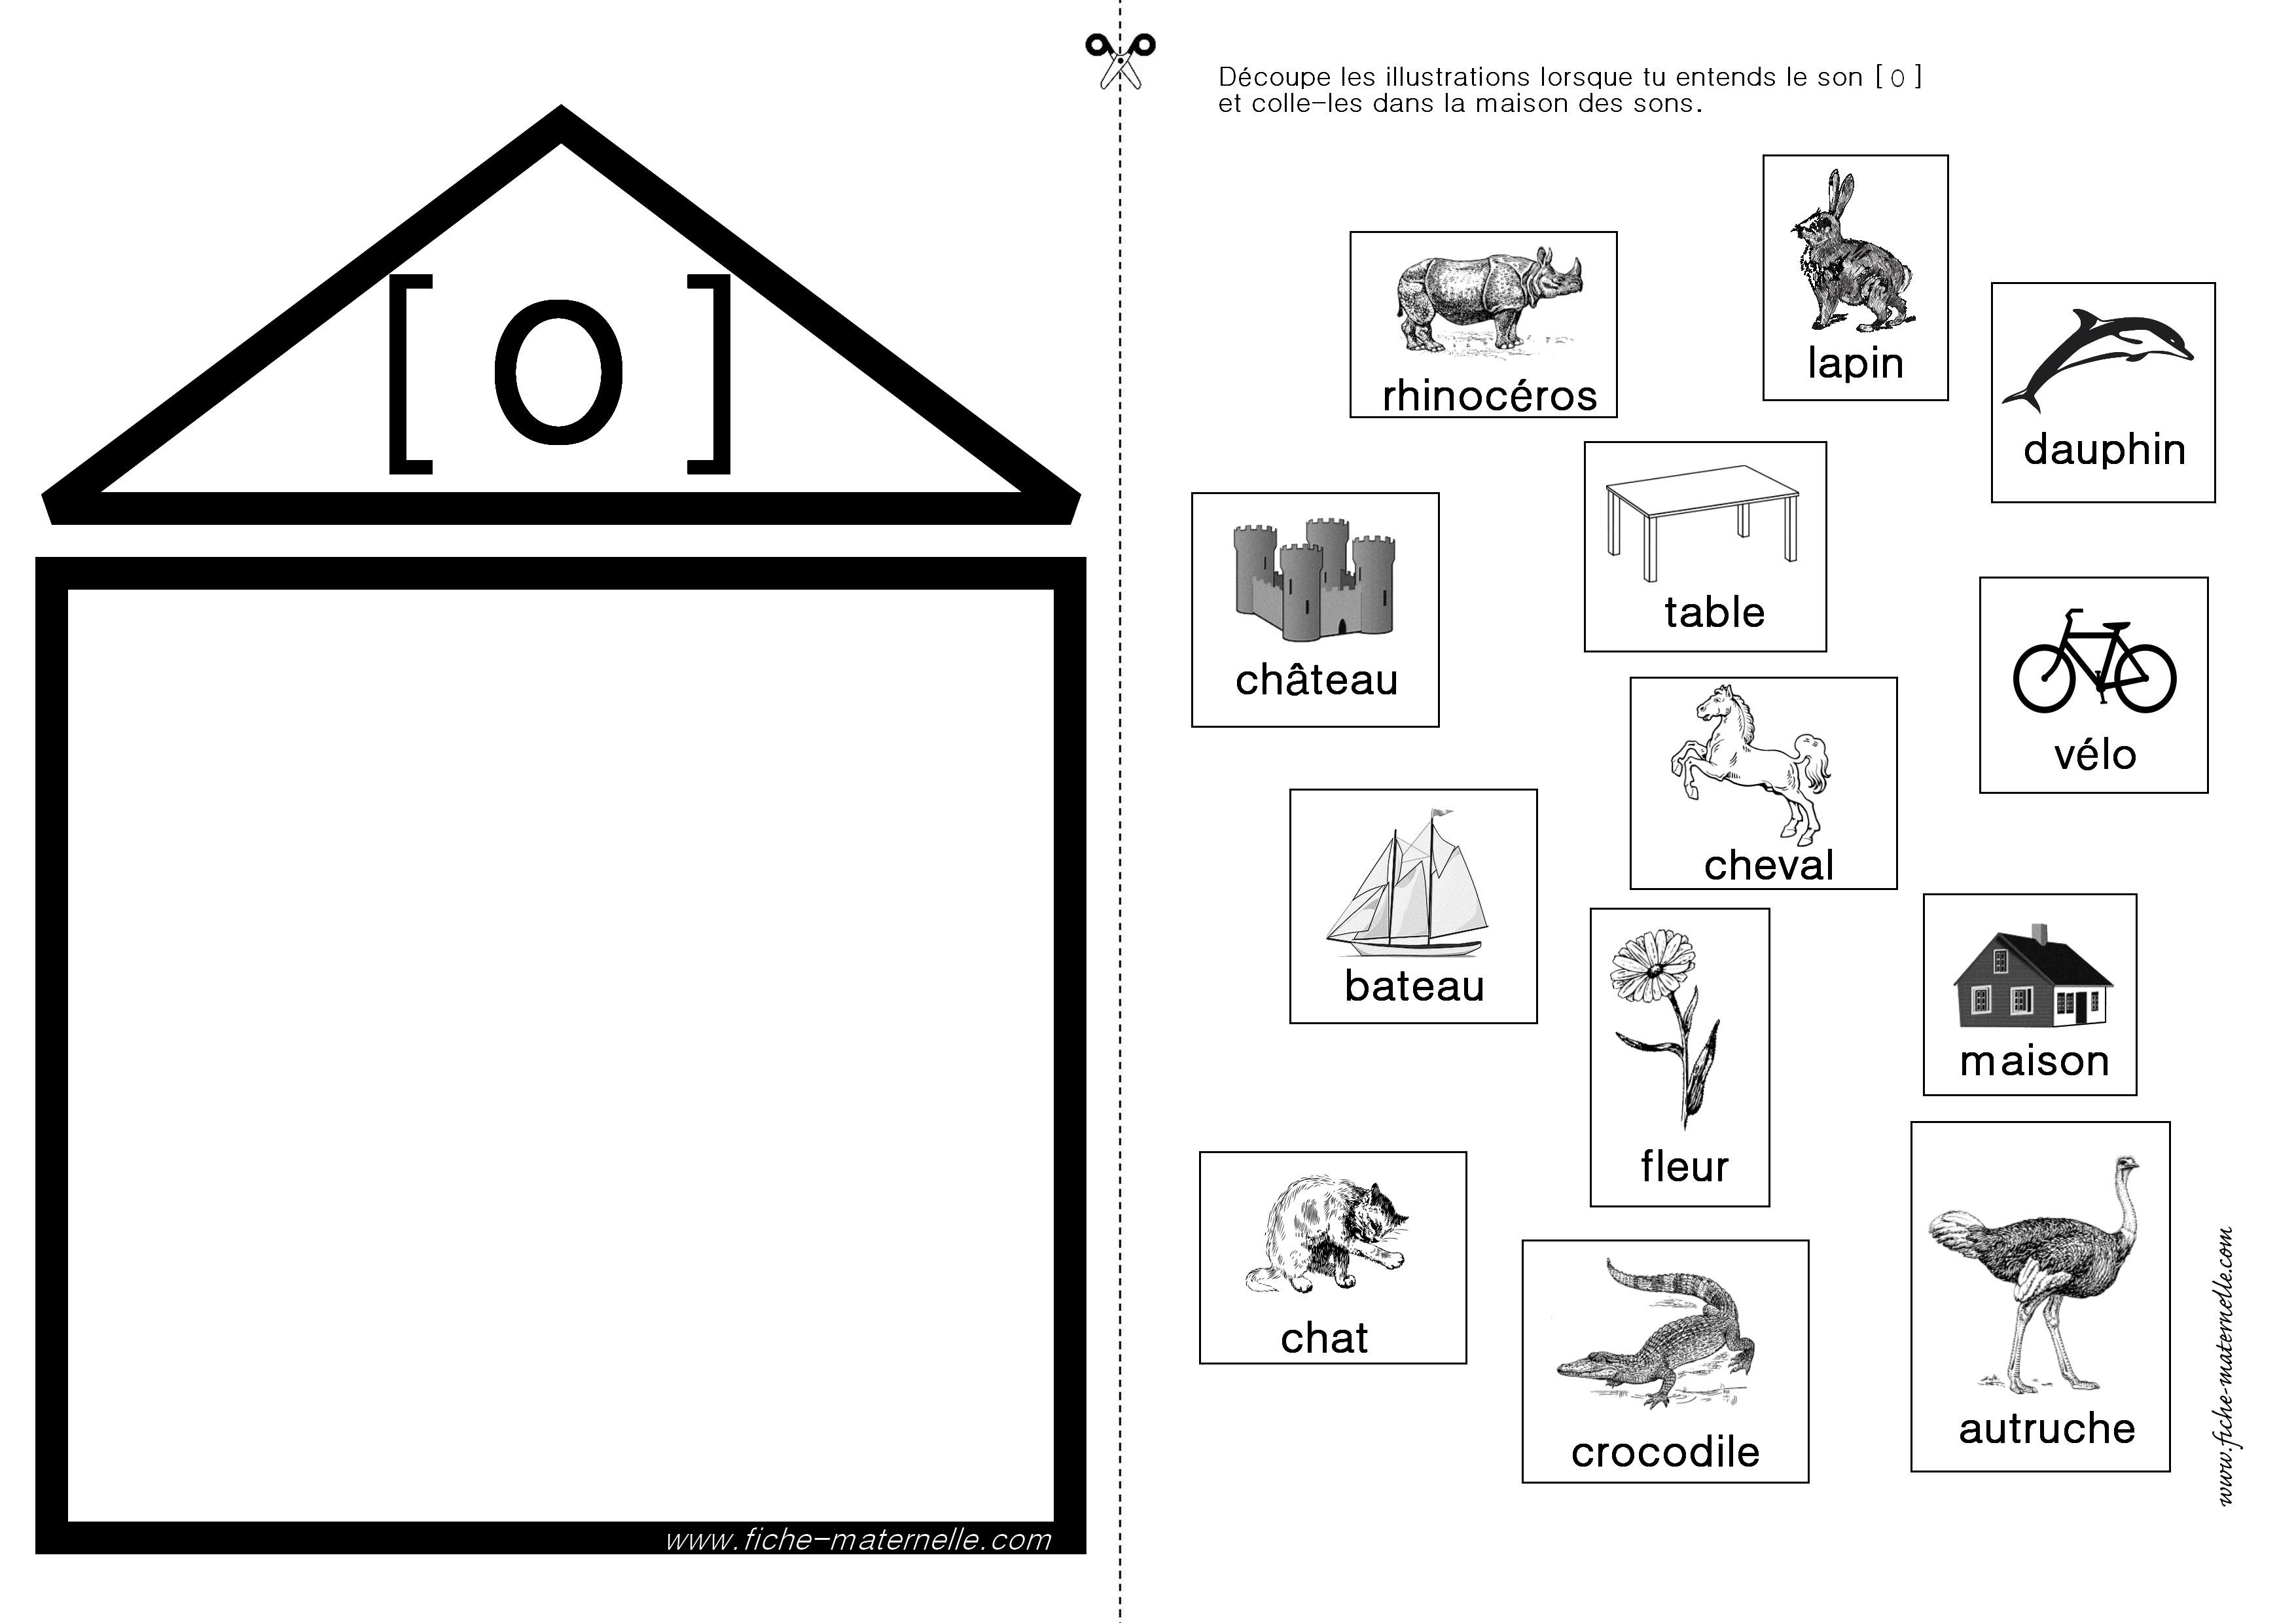 Connu Apprendre à lire en maternelle et CP : exercices autour du son [o] TU55